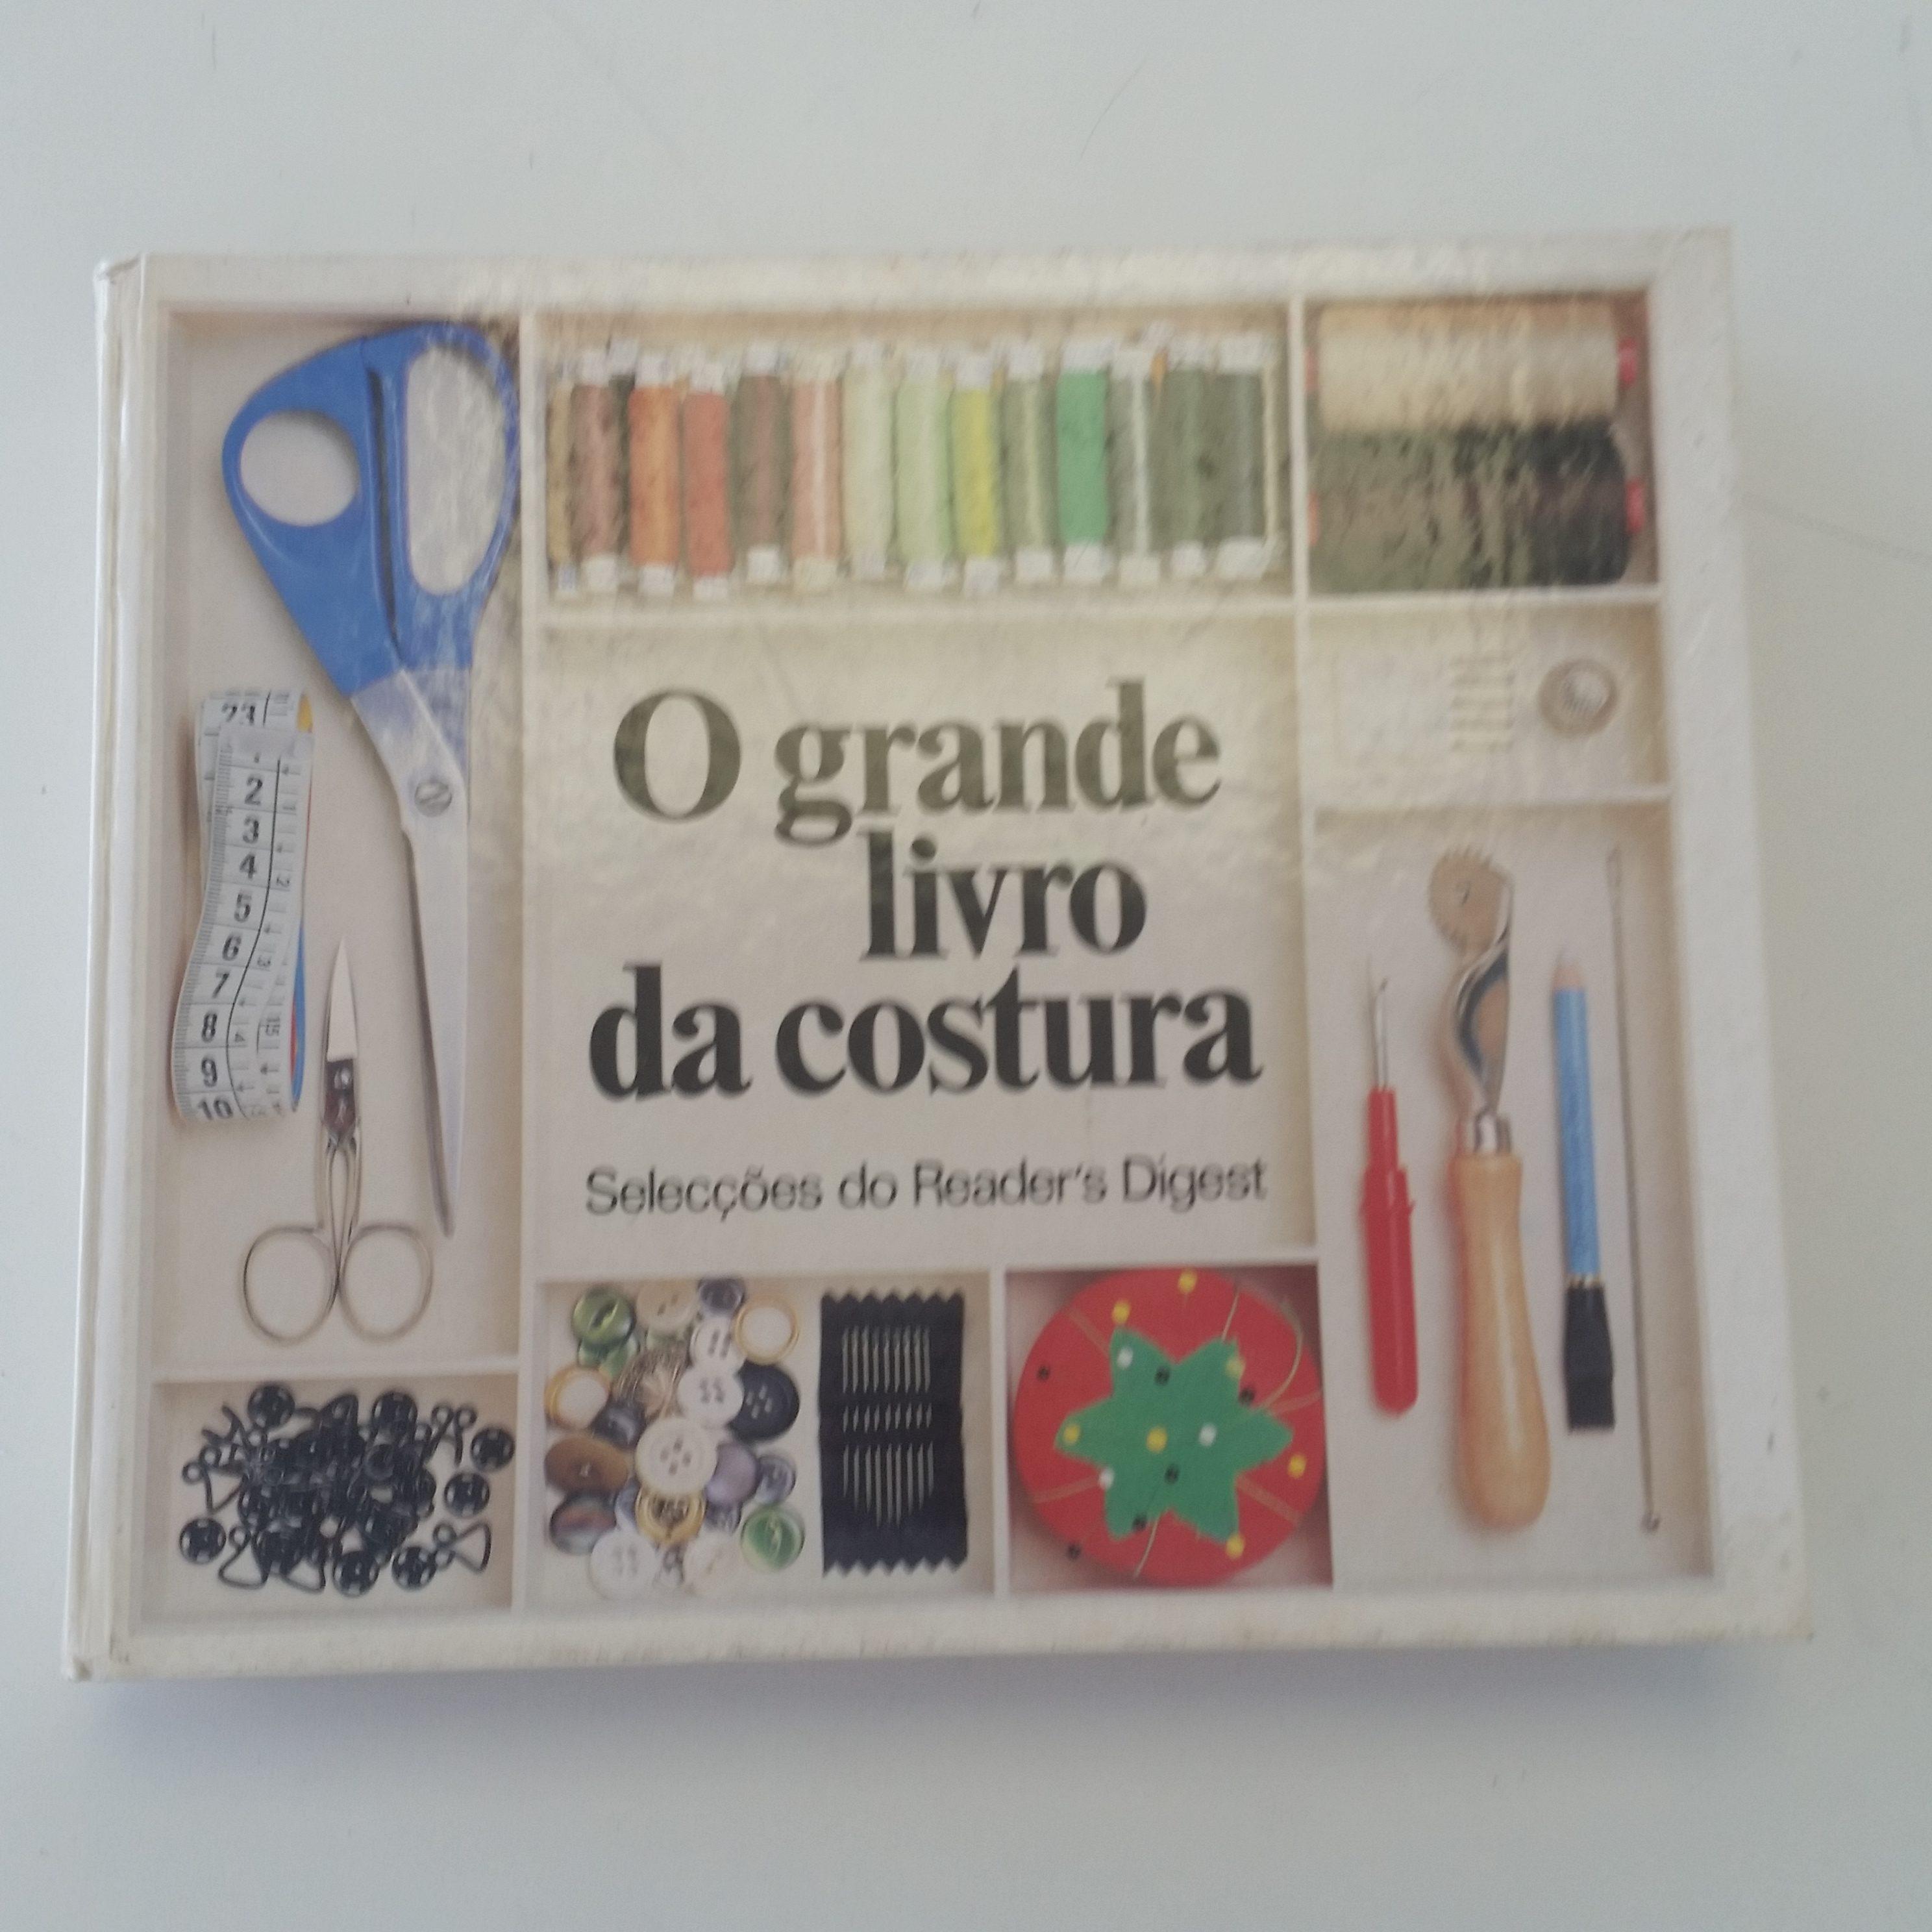 Livros que eu uso como referência e inspiração para a costura